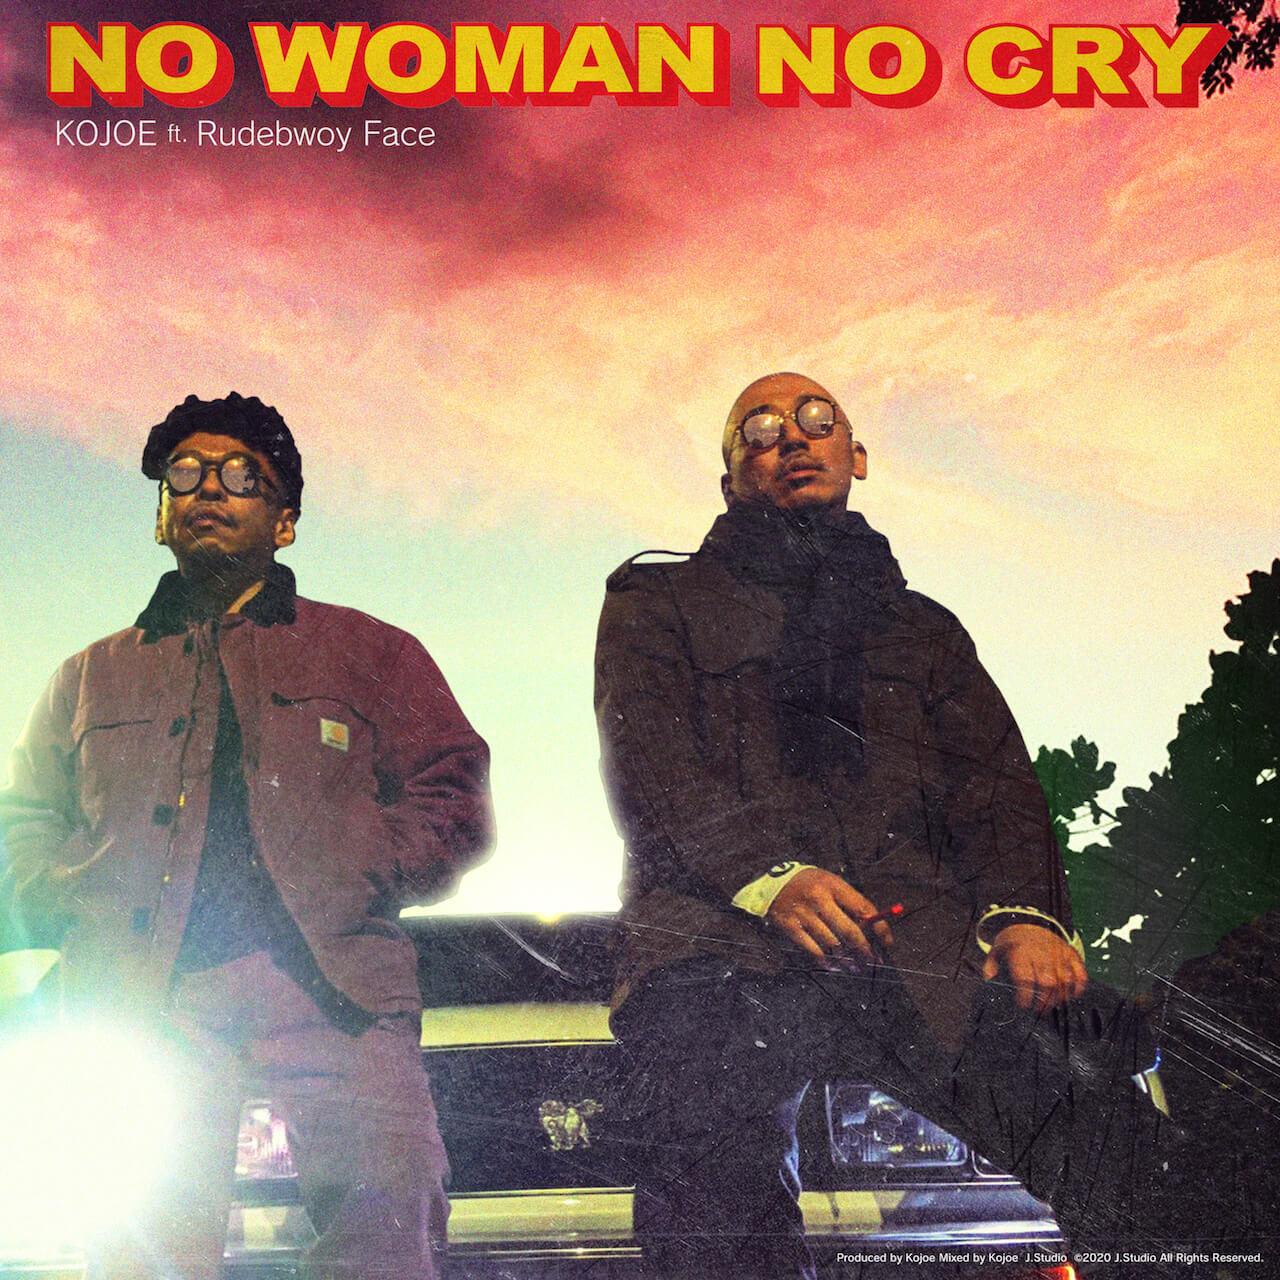 KOJOEが客演にRudebwoy Face、プロデュースにNARISKを迎えた「No Woman No Cry」をリリース|MV監督はIkuo Yamamoto music200430-kojoe-200430